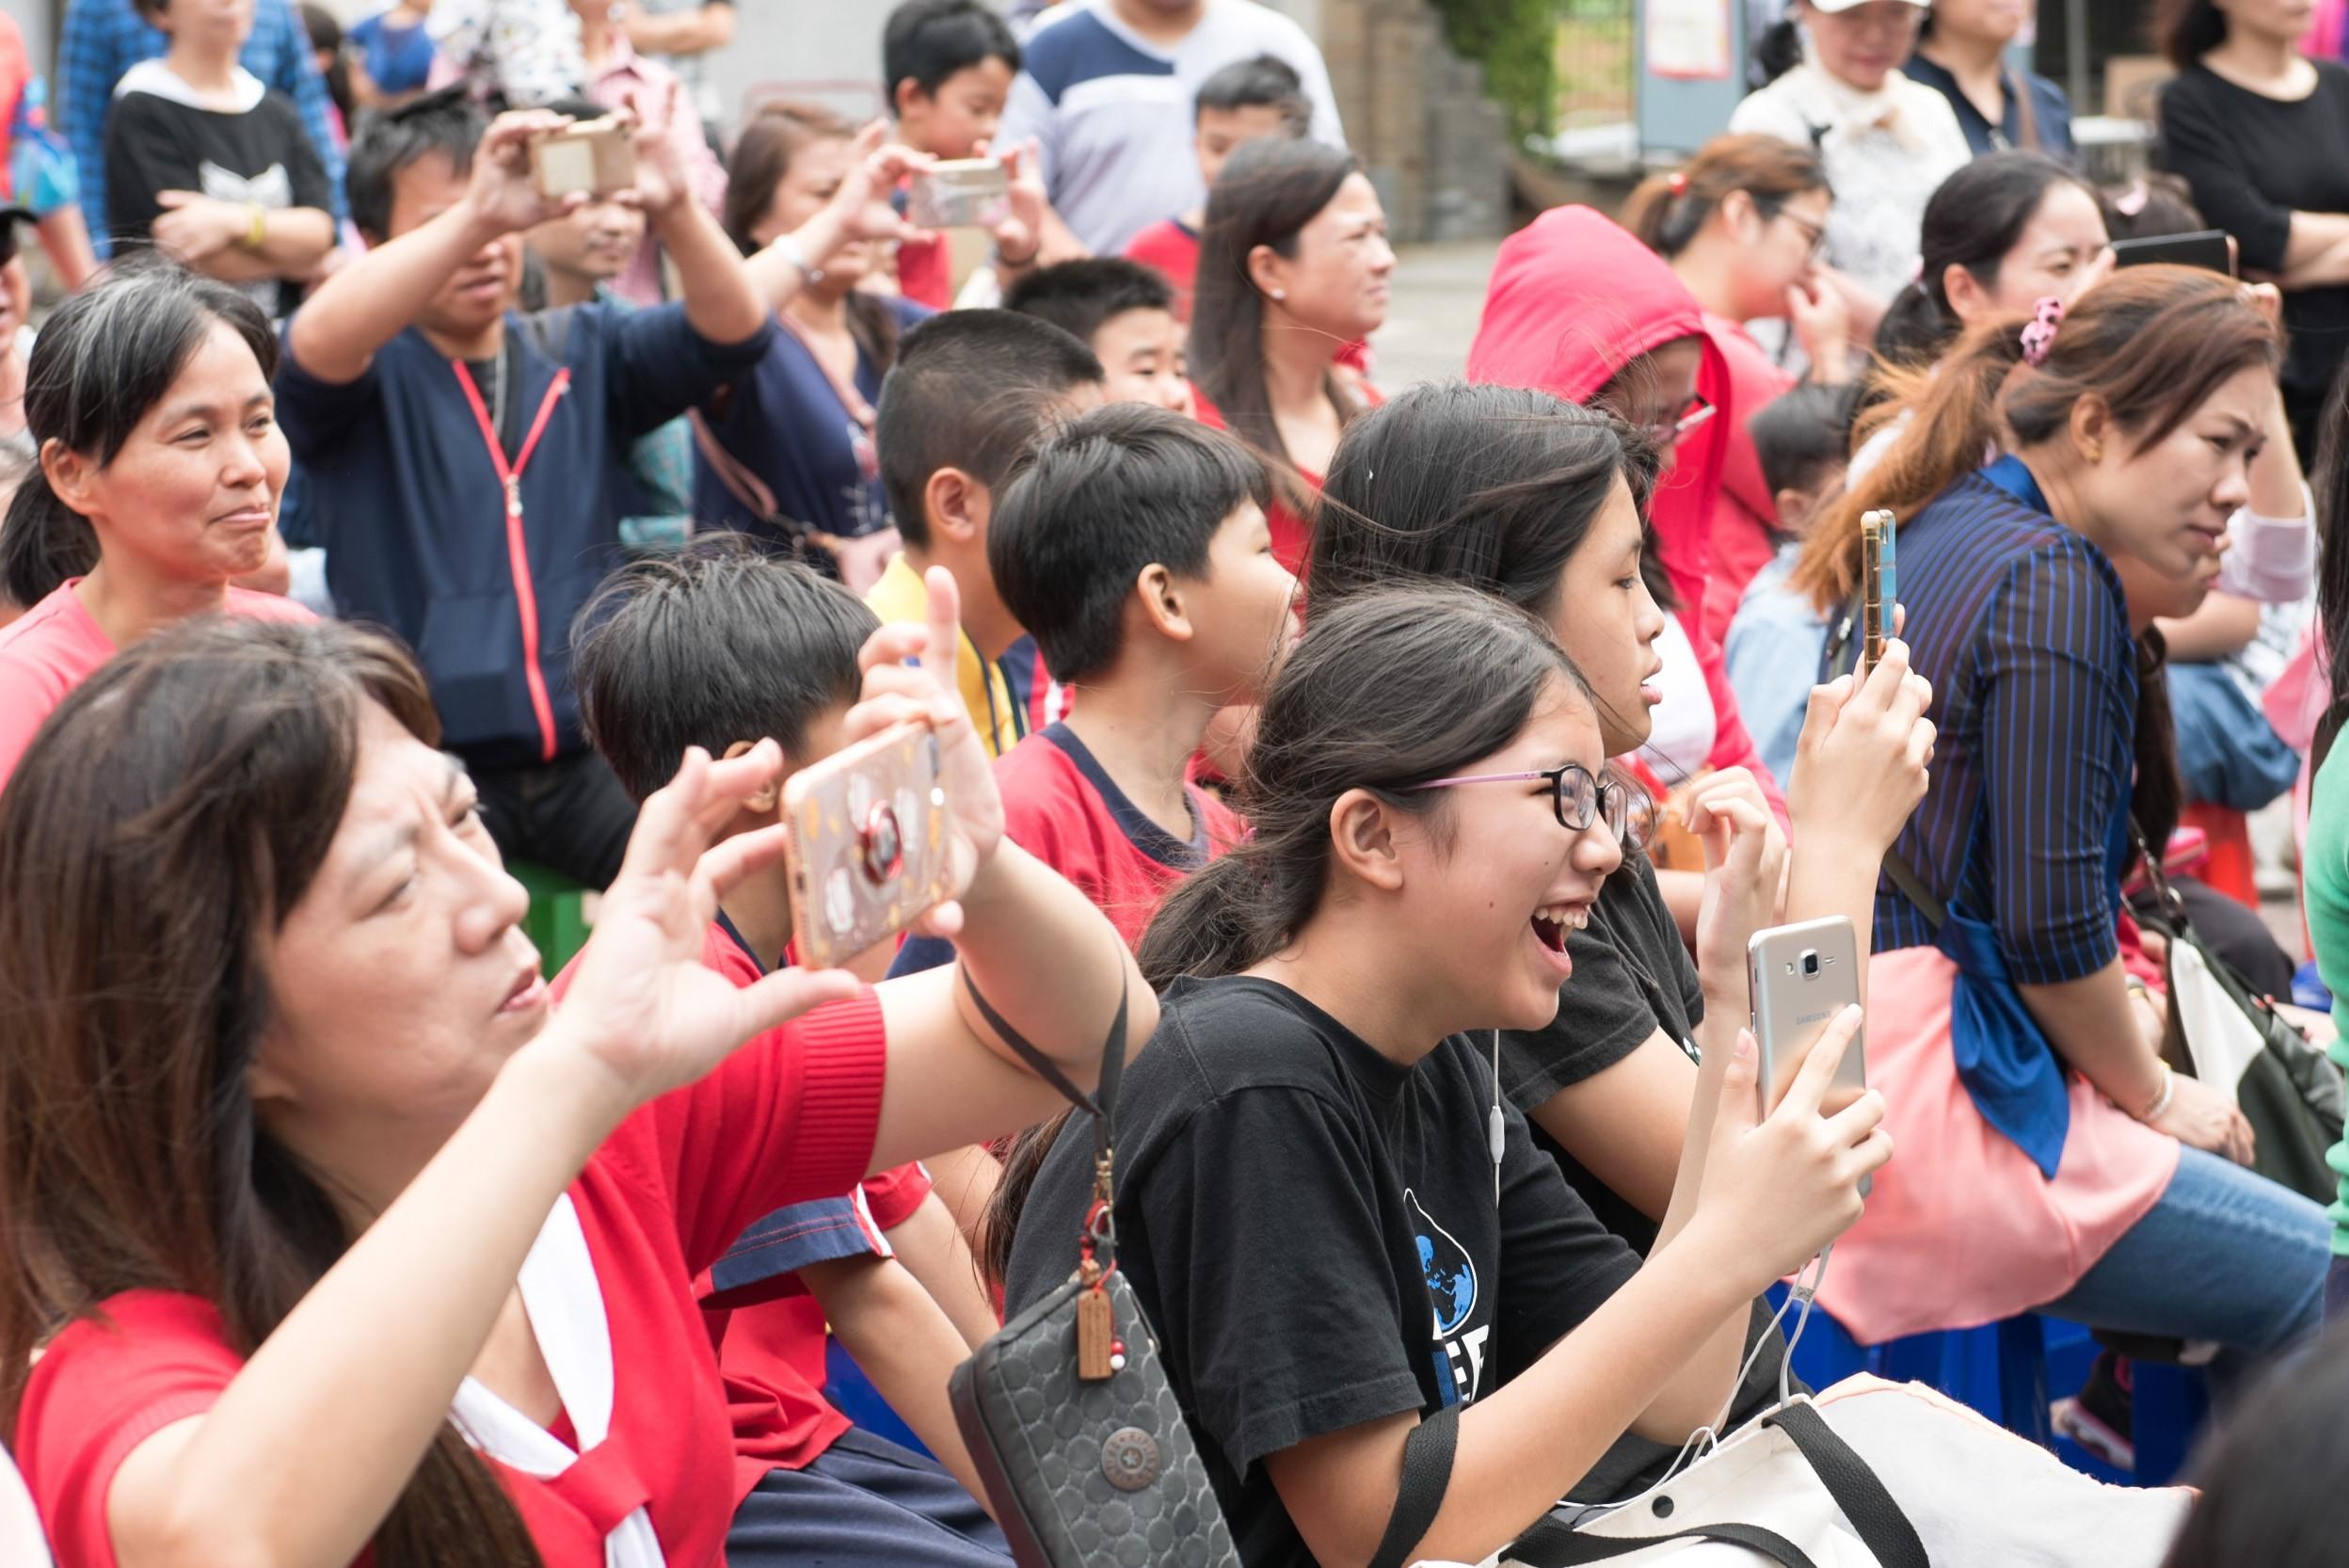 市民朋友踴躍參與園遊會活動